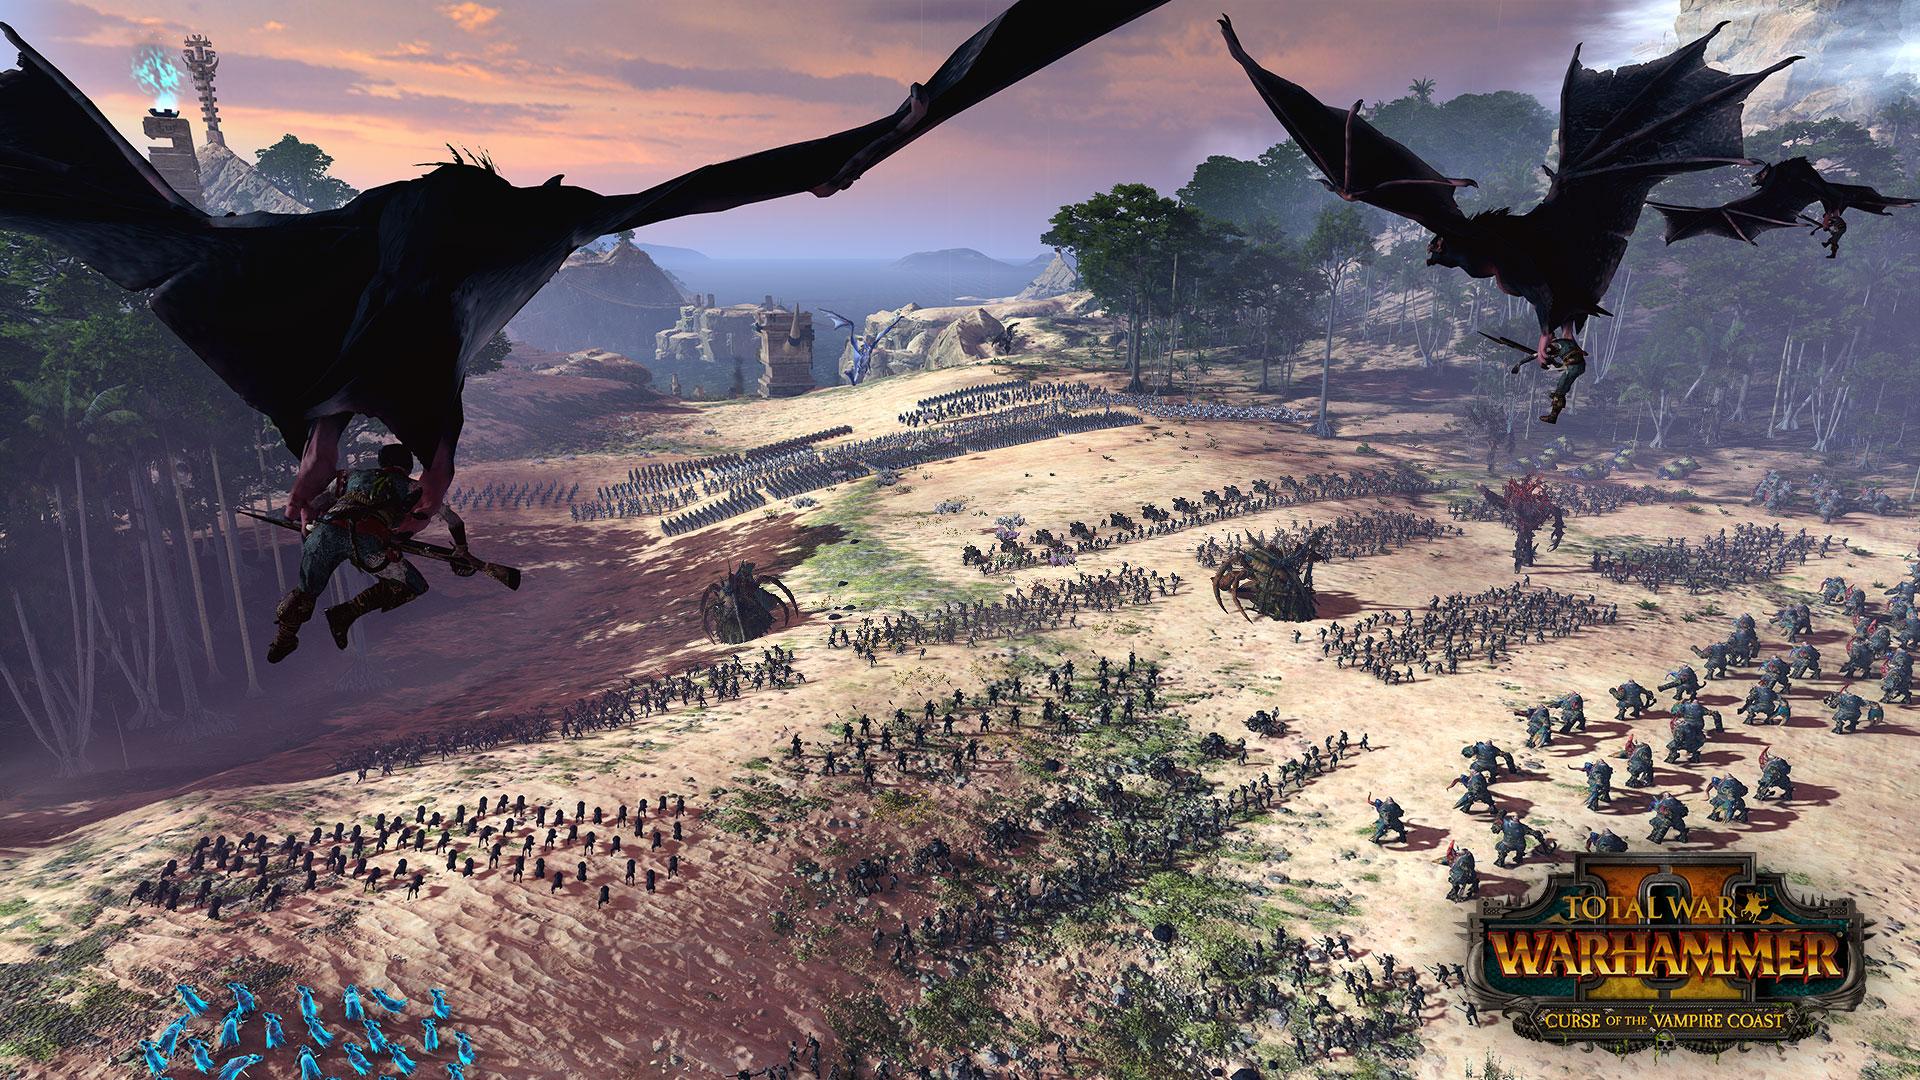 吸血鬼大軍來襲 《全面戰爭:戰錘2》新免費DLC公布